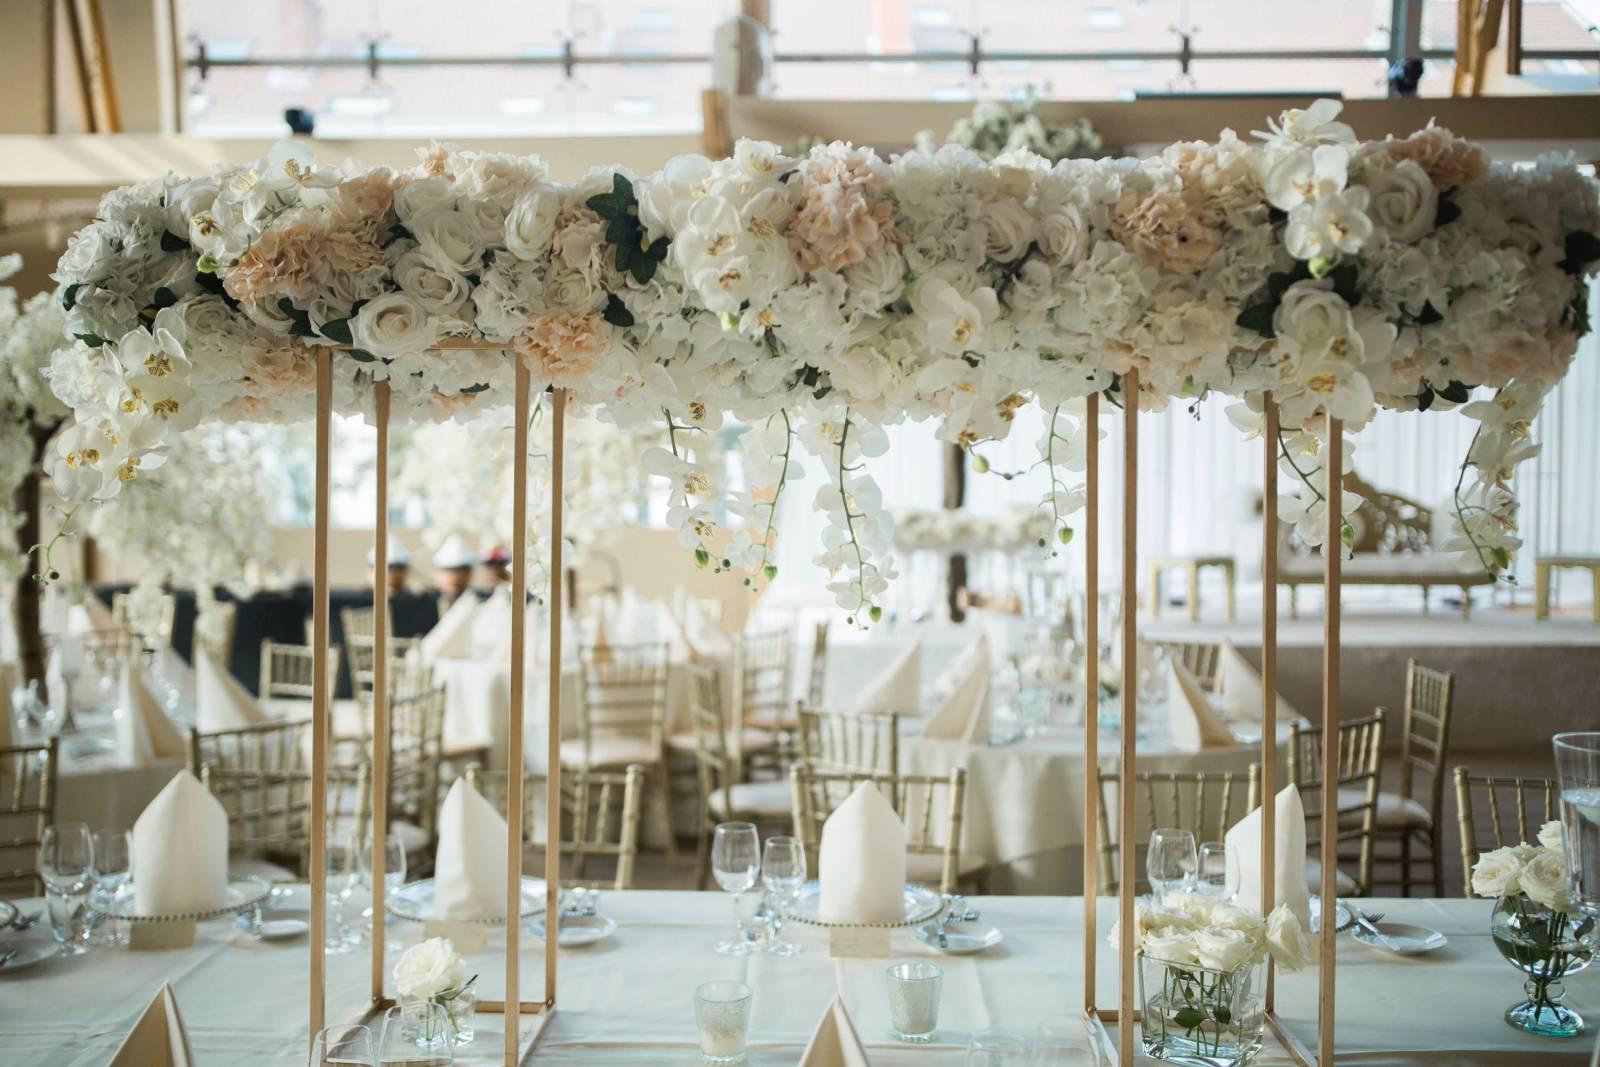 Horta - Feestzaal Antwerpen - Trouwzaal - House of Weddings - 5